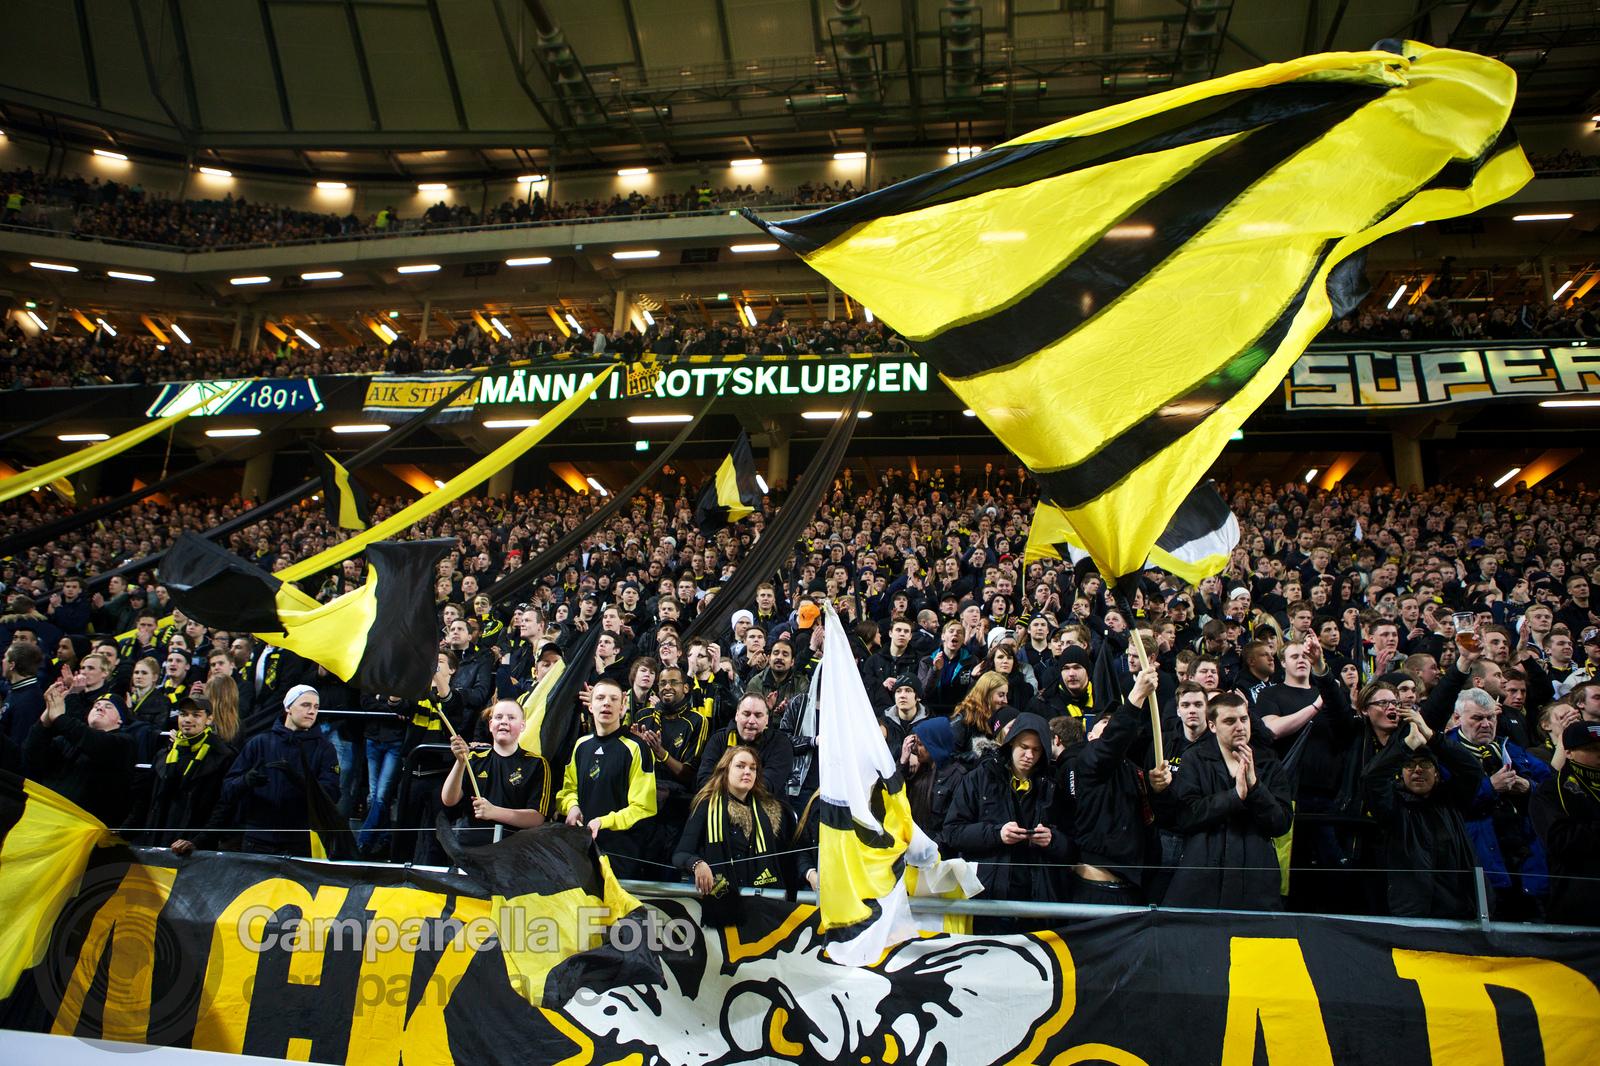 AIK vs. Syrianska FC - 3 of 10